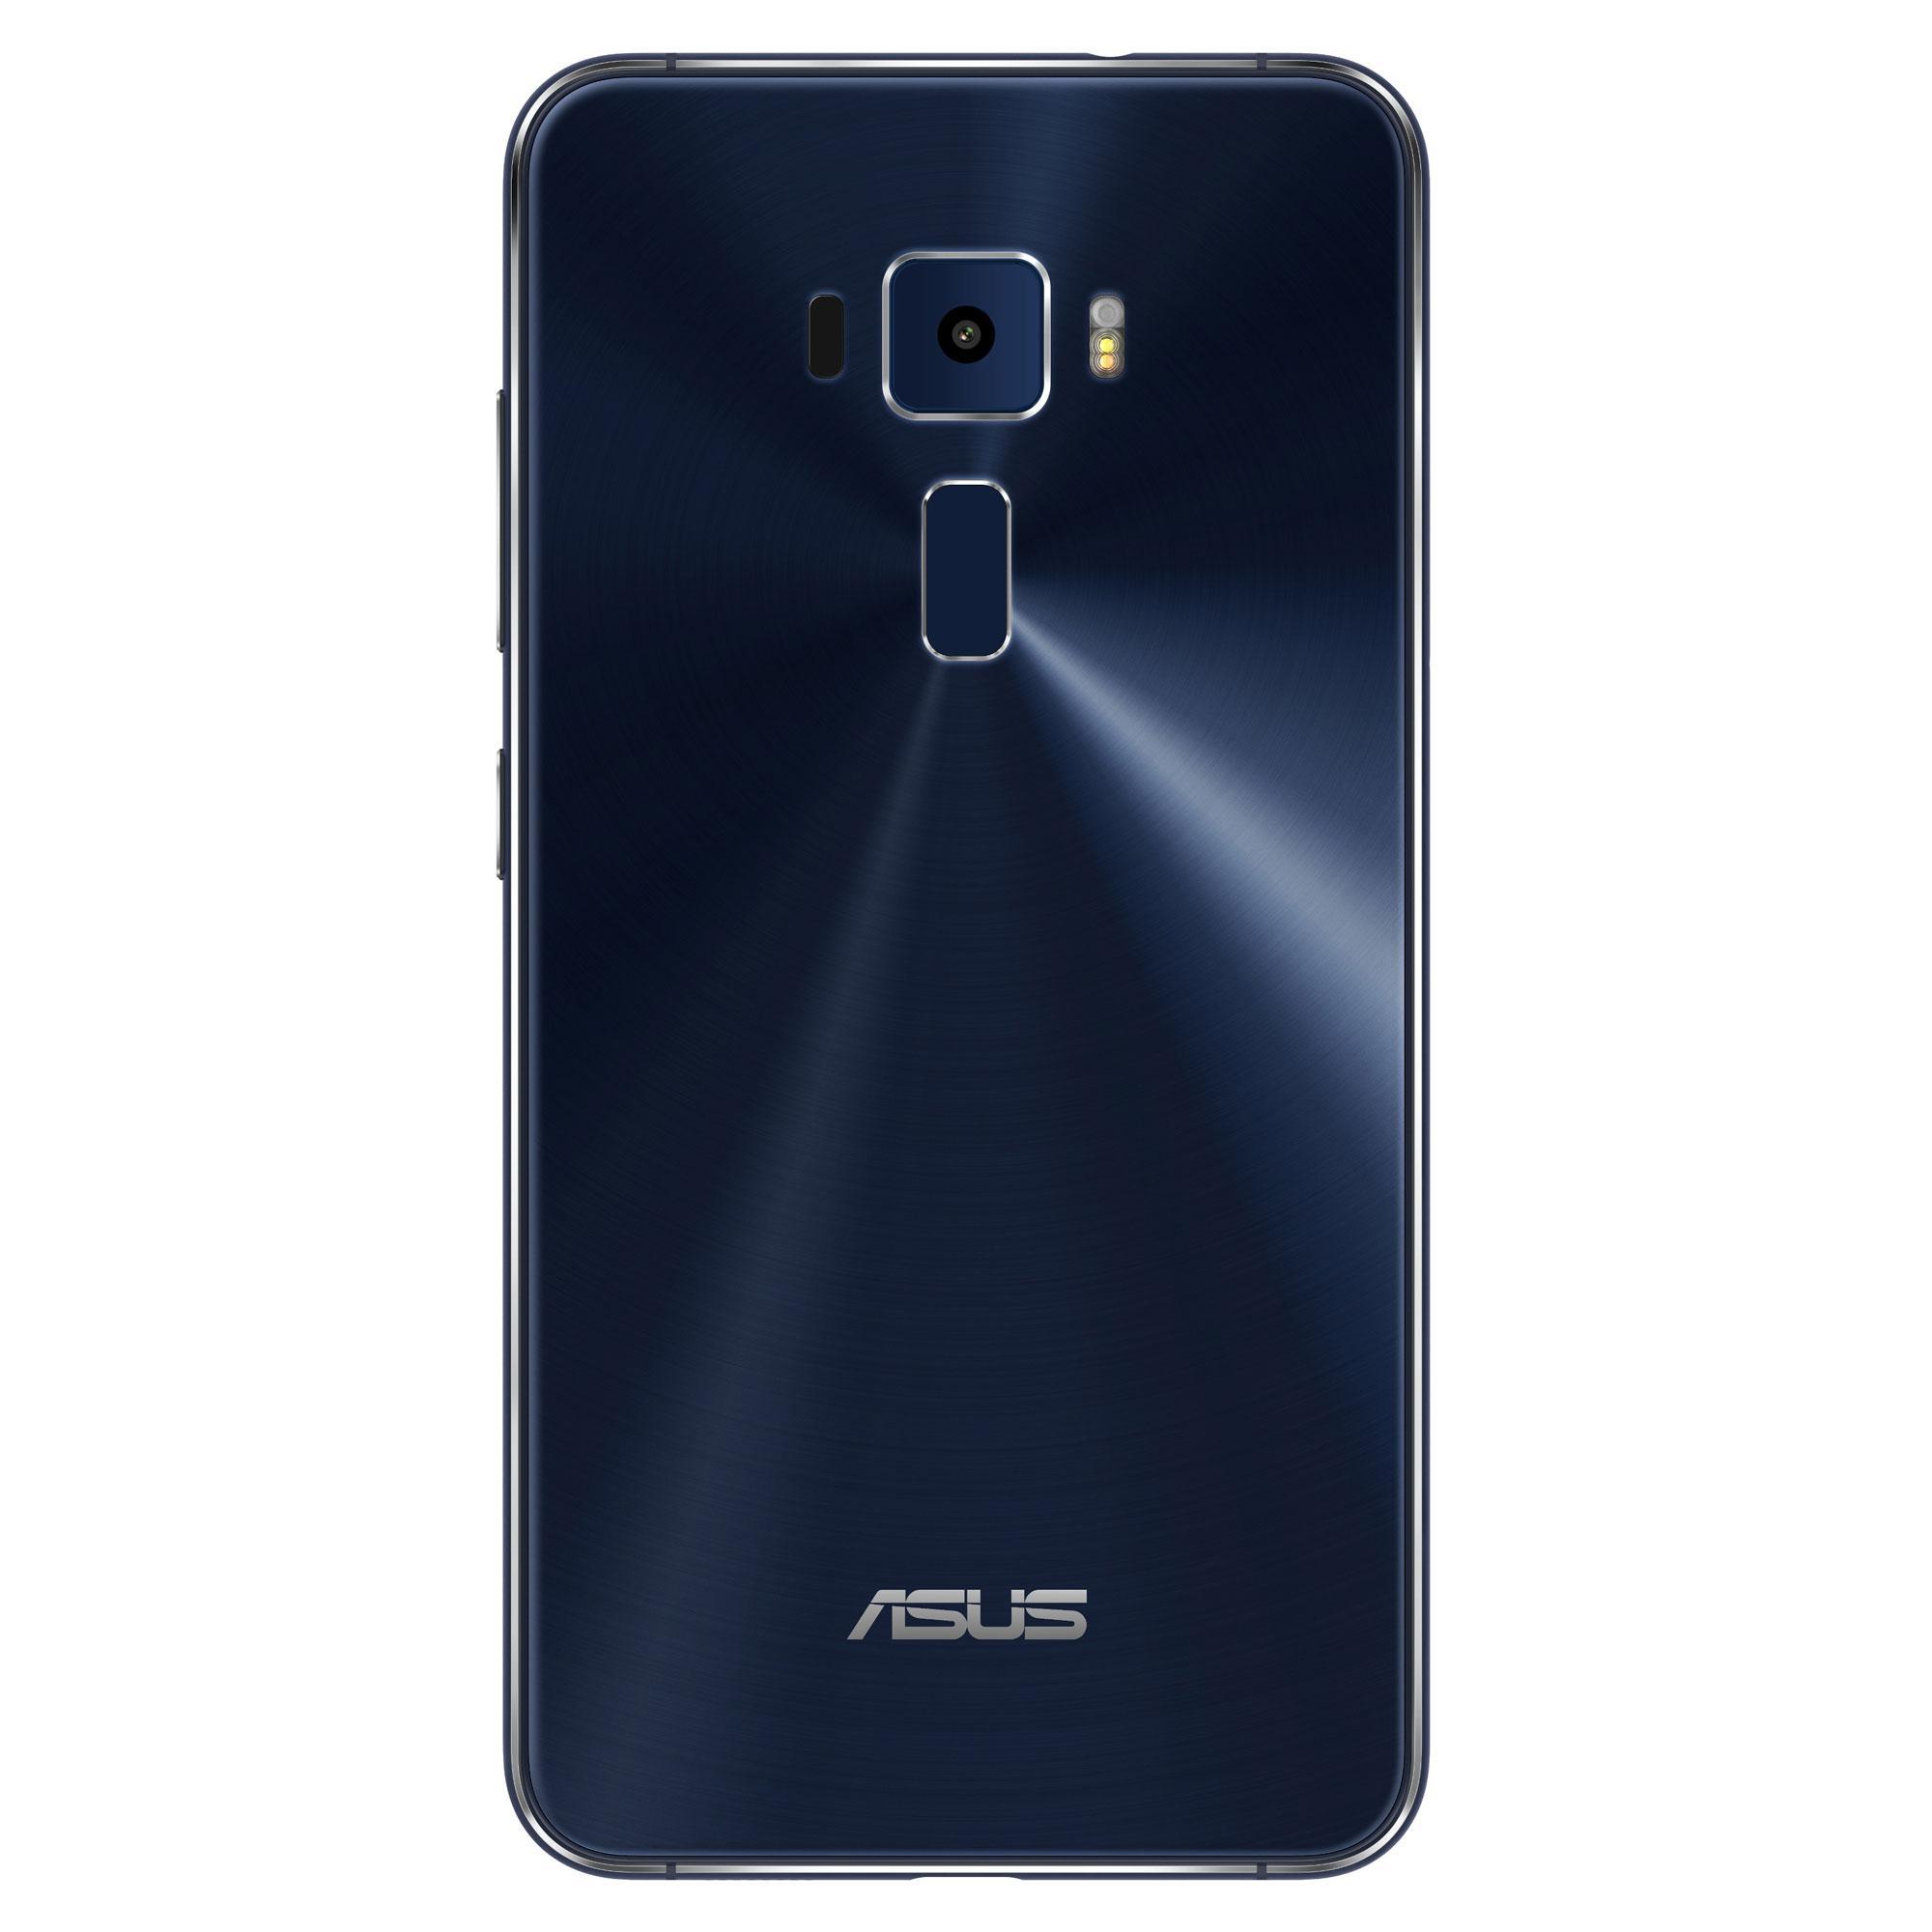 Asus Zenfone 3 azul detalle de la cámara